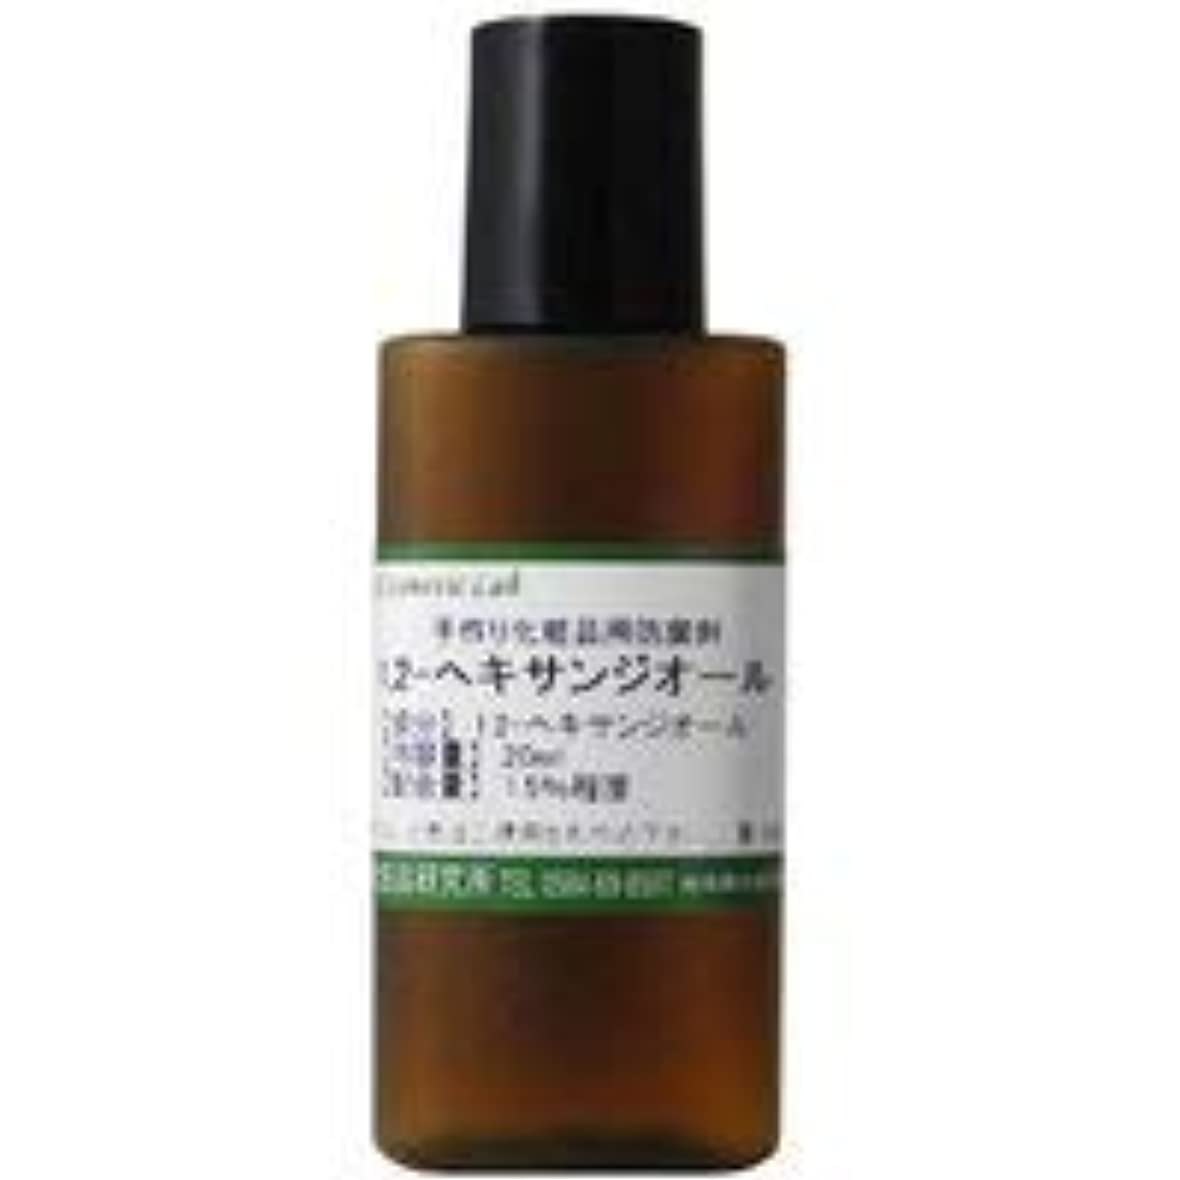 三十ラケット防止1,2-ヘキサンジオール 20ml 【手作り化粧品材料】